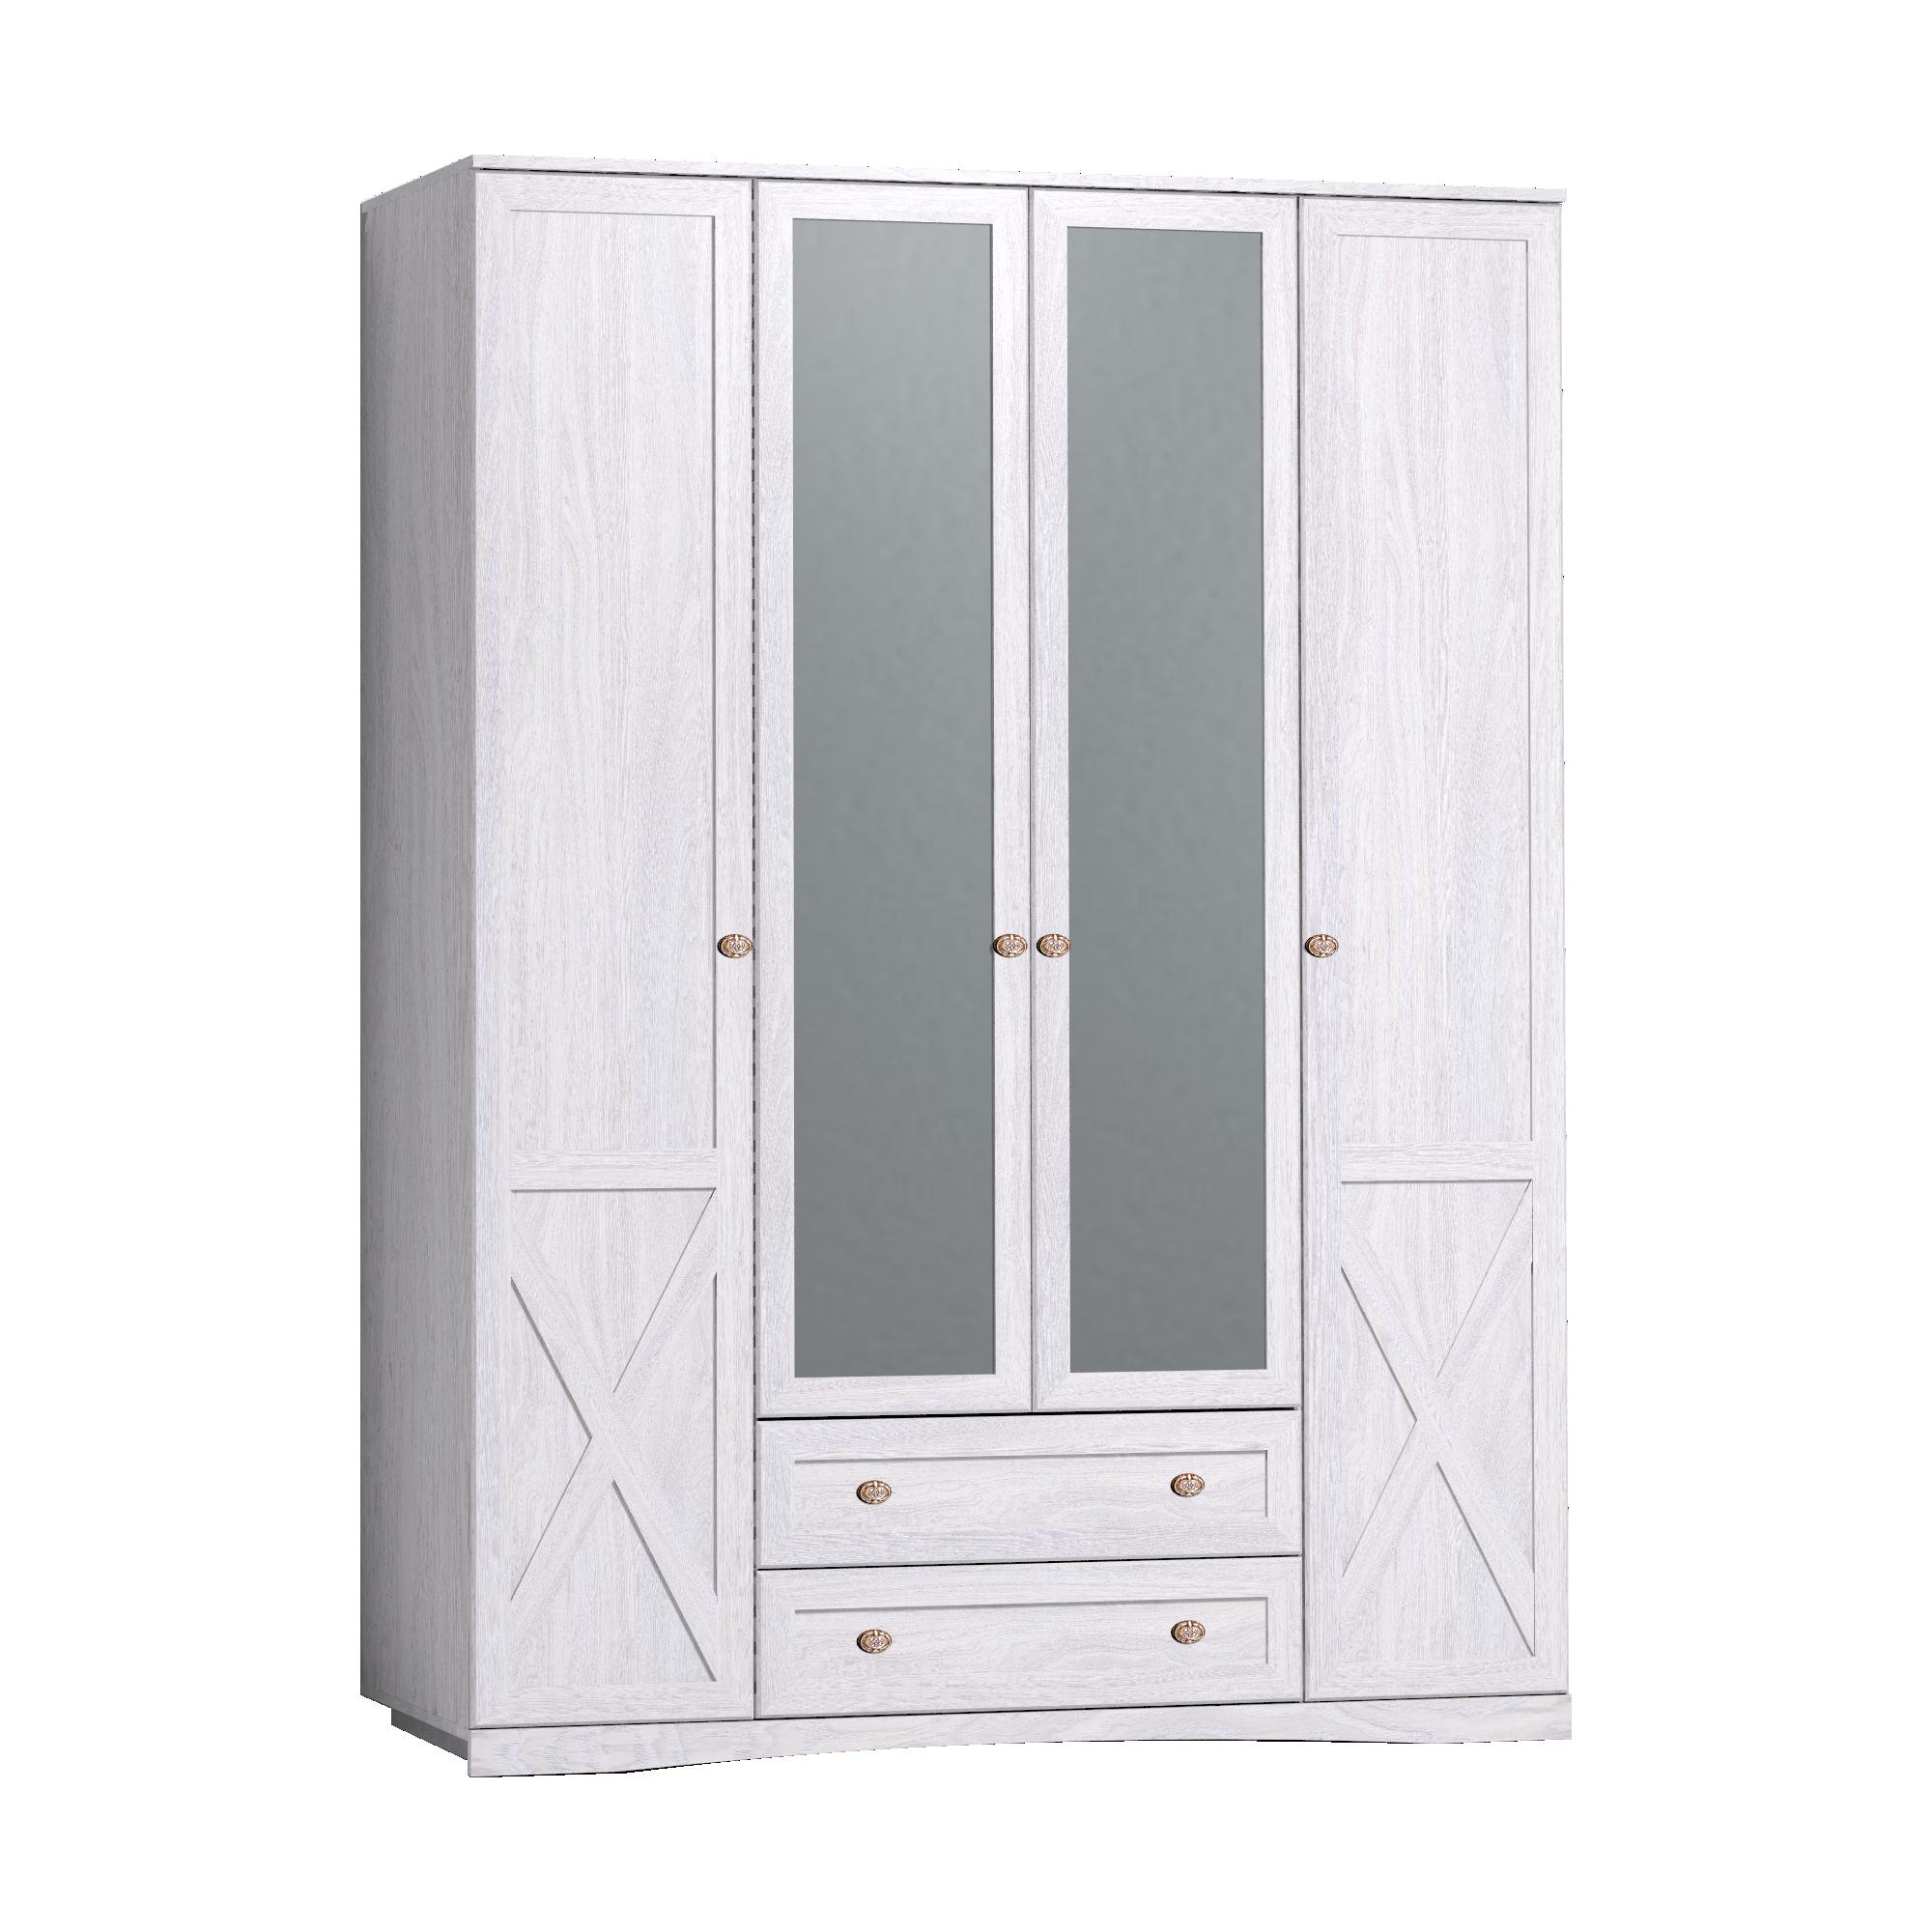 Шкаф для одежды и белья, с цоколем ADELE 9, Ясень анкор светлый